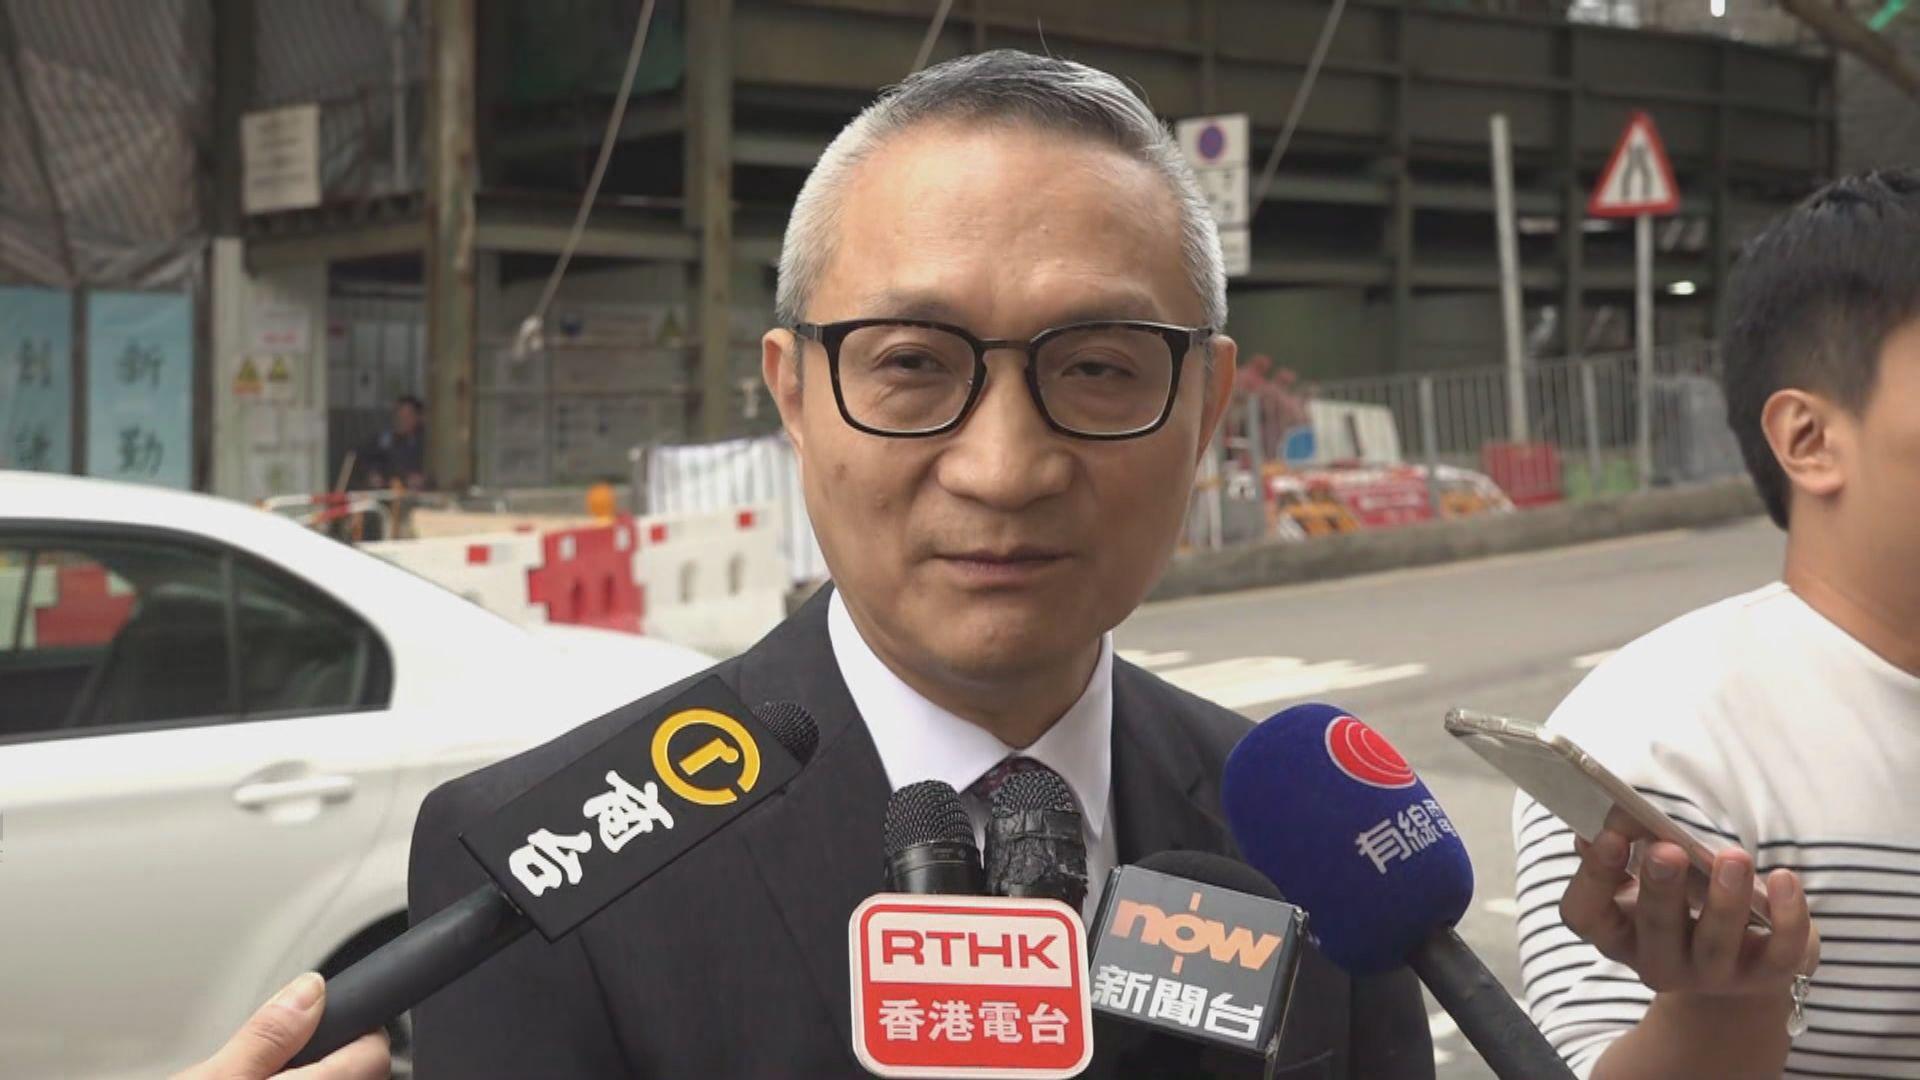 徐德義:食衞局會檢討醫療券細節